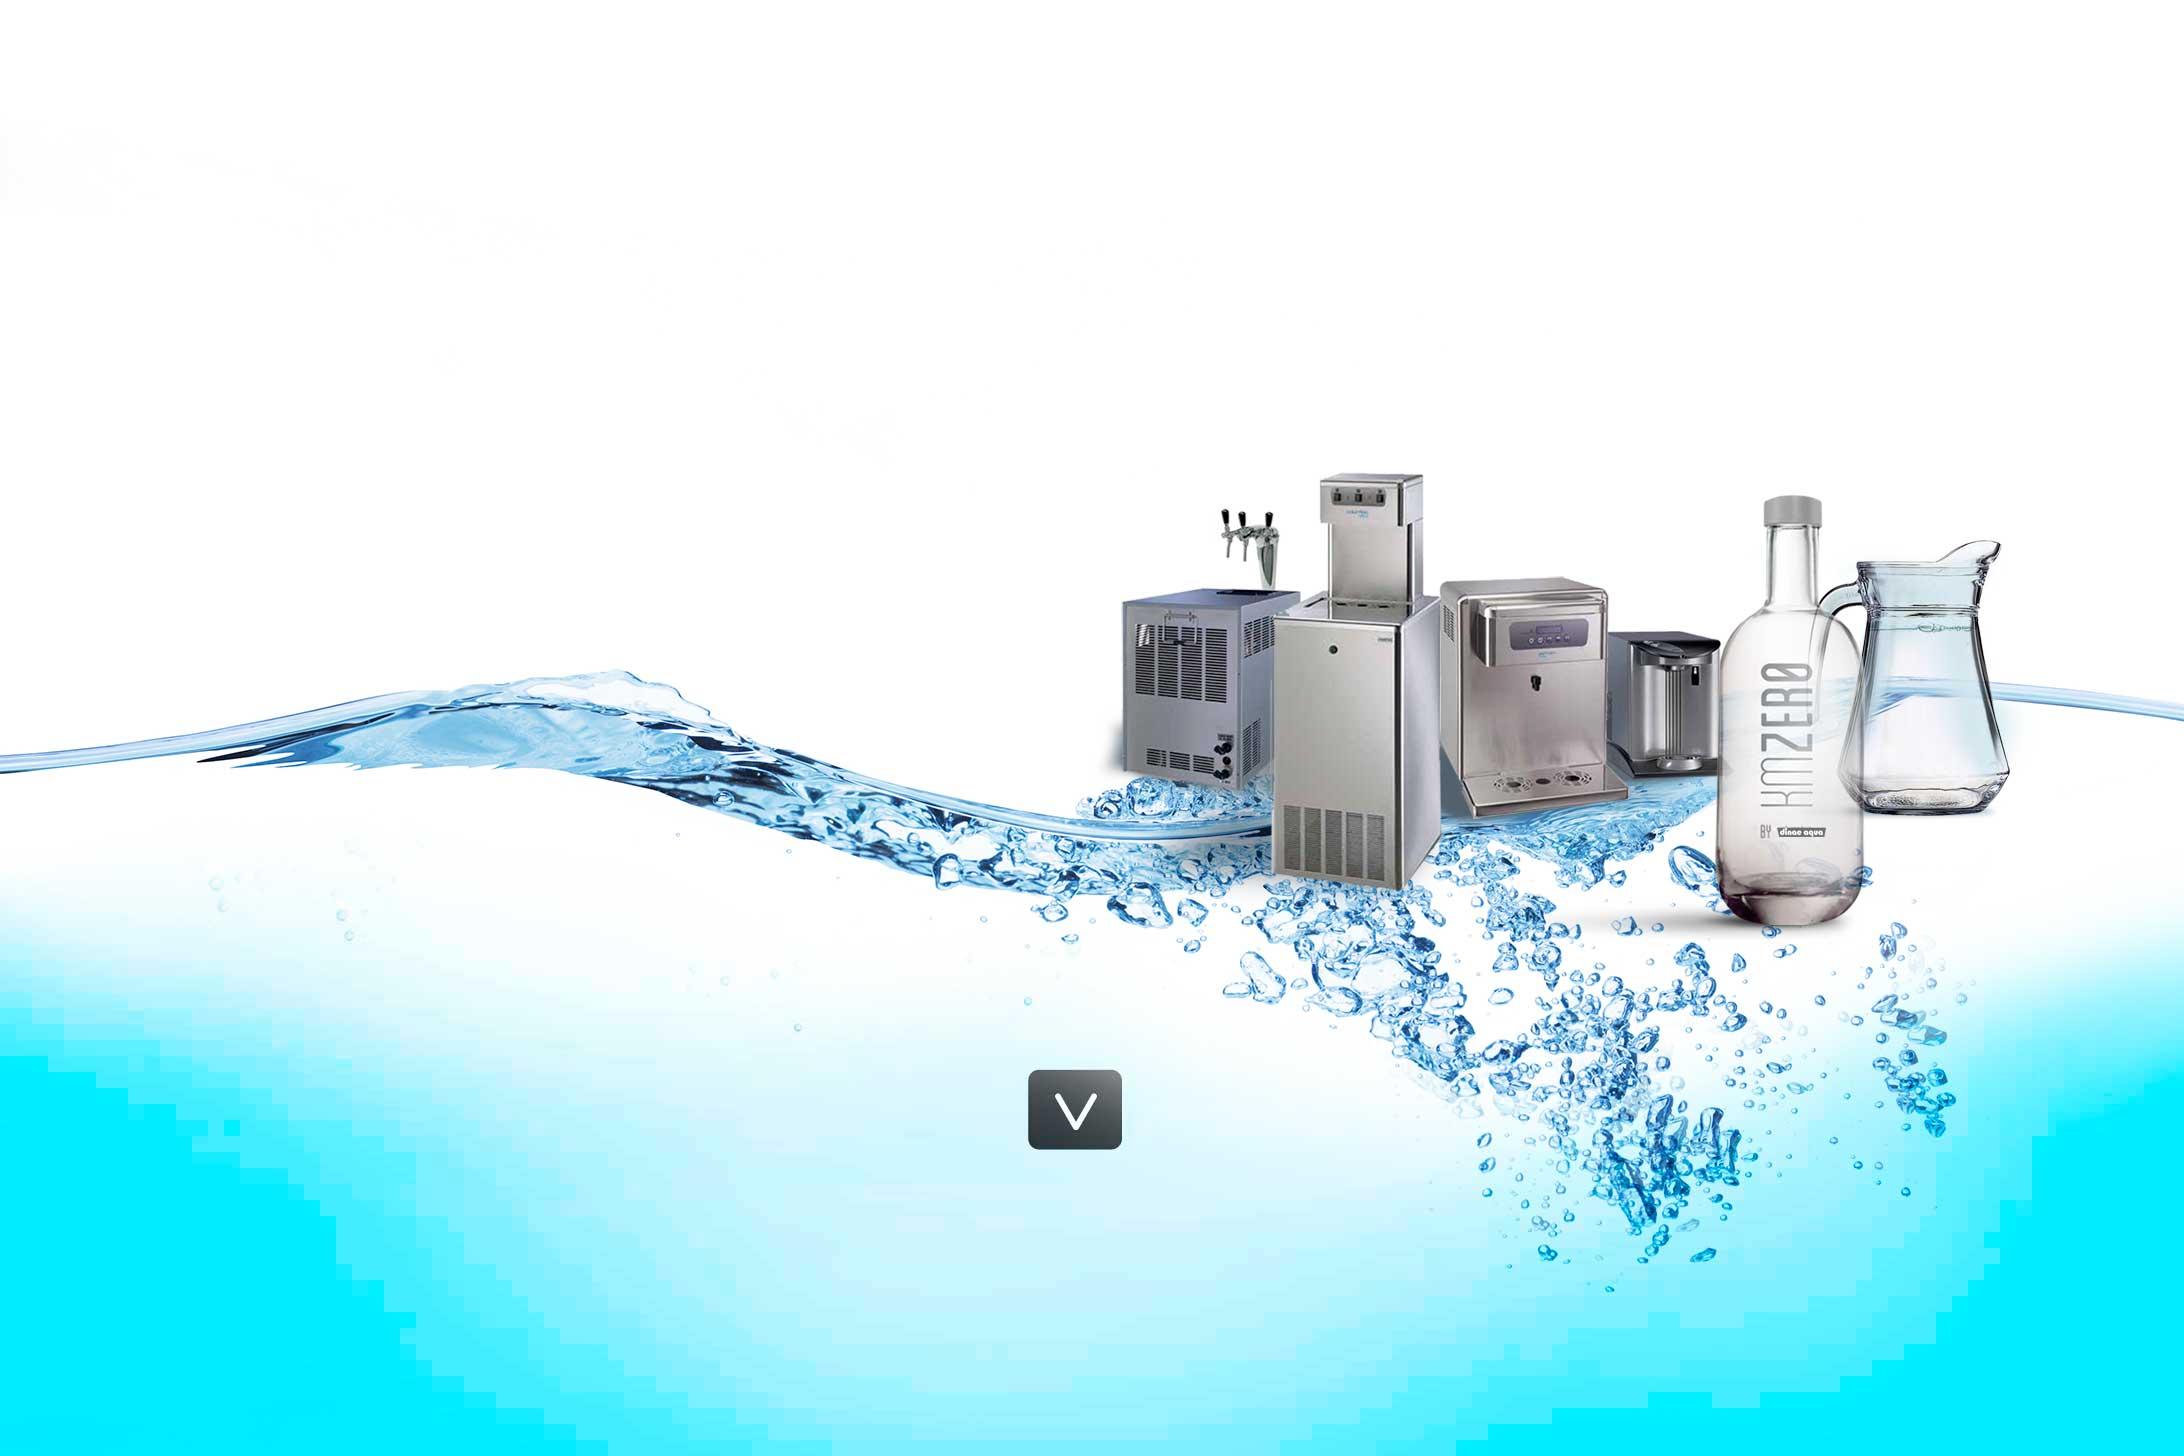 agua-para-horeca